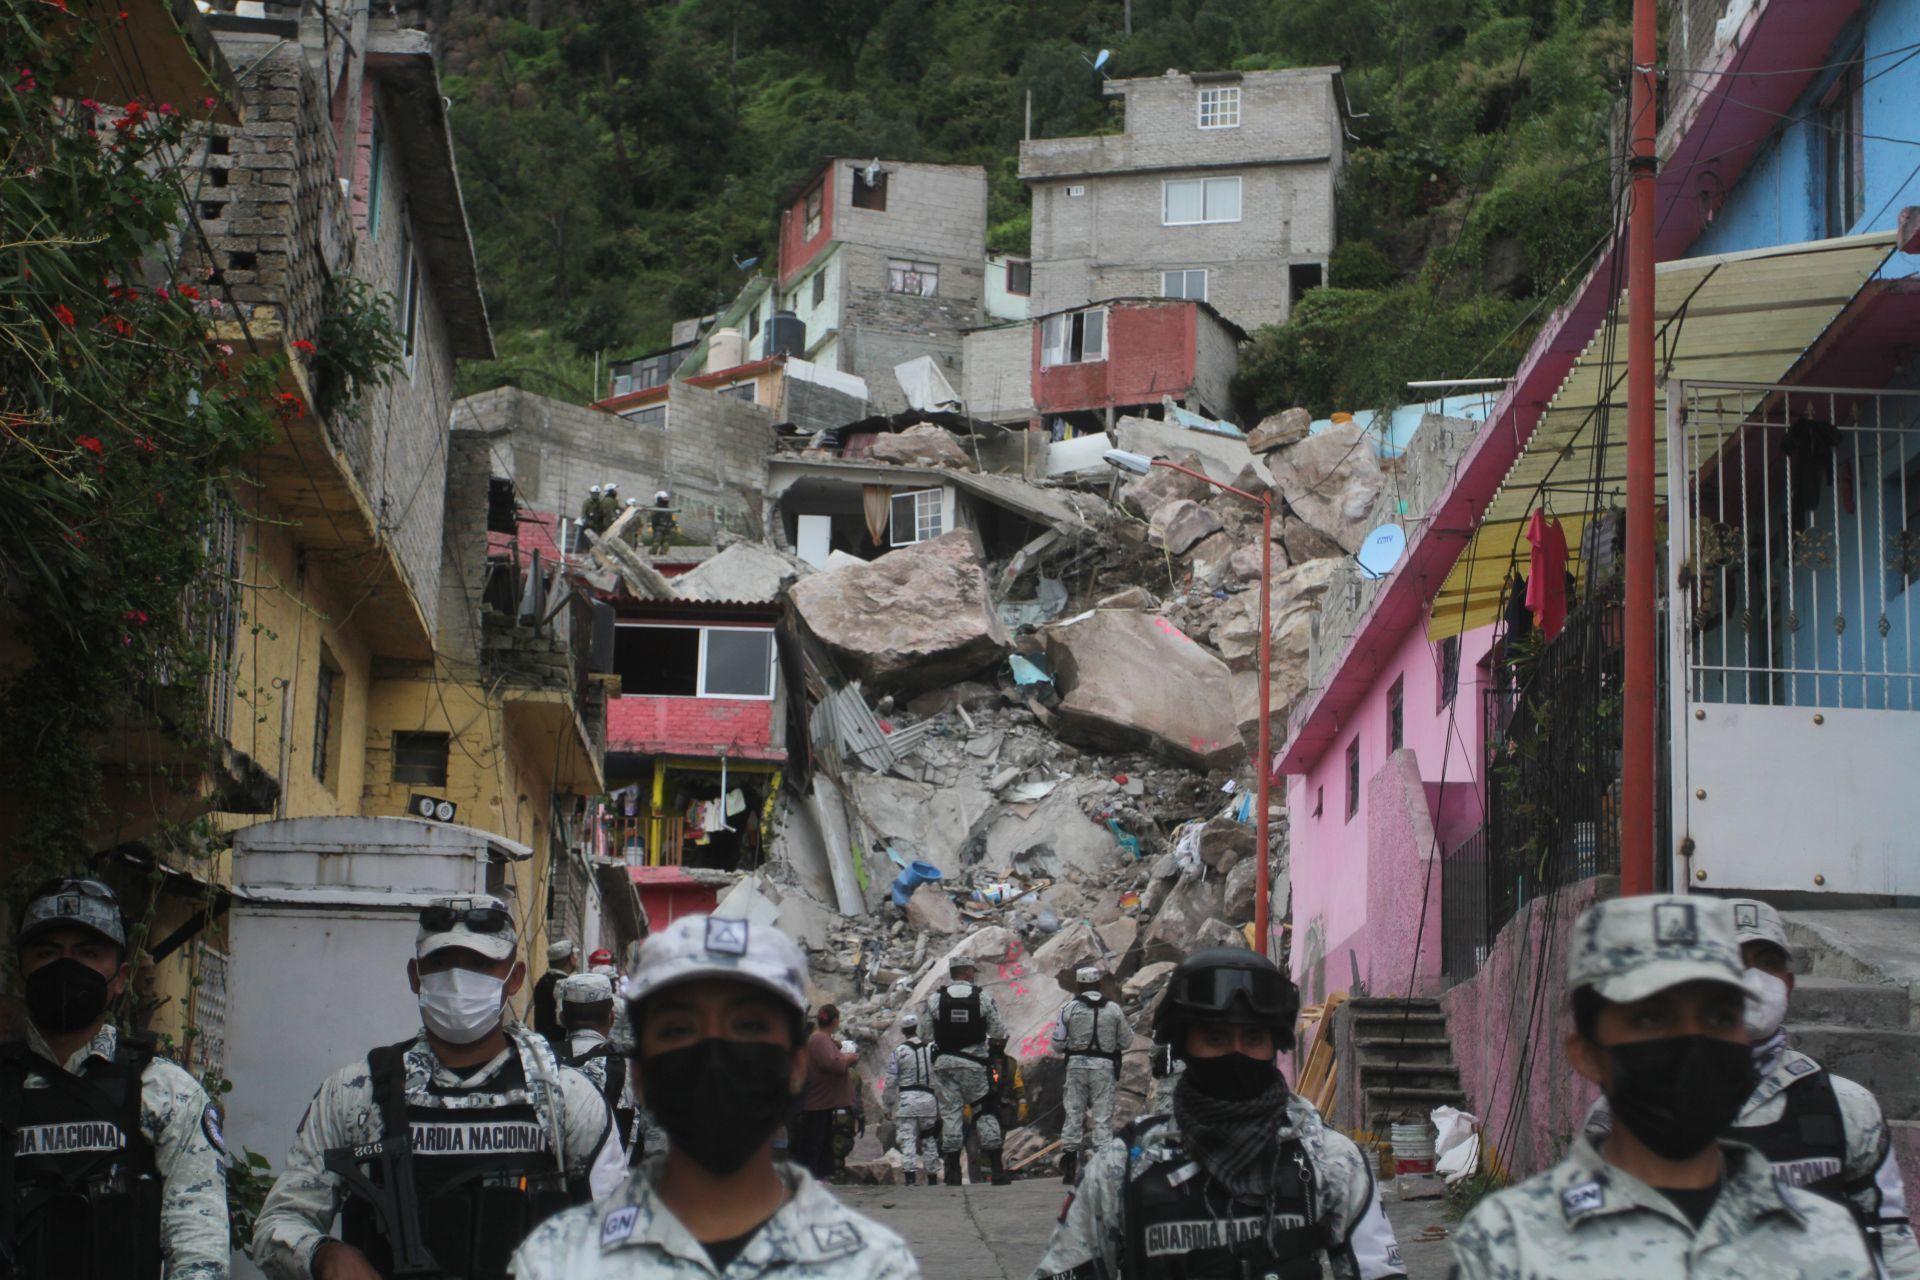 Elementos de la Guardia Nacional, Secretaría de Defensa Nacional y de la Marina acompañados de binomios caninos realizaron trabajos de escombro en la zona de desgaje del Cerro del Chiquihuite.